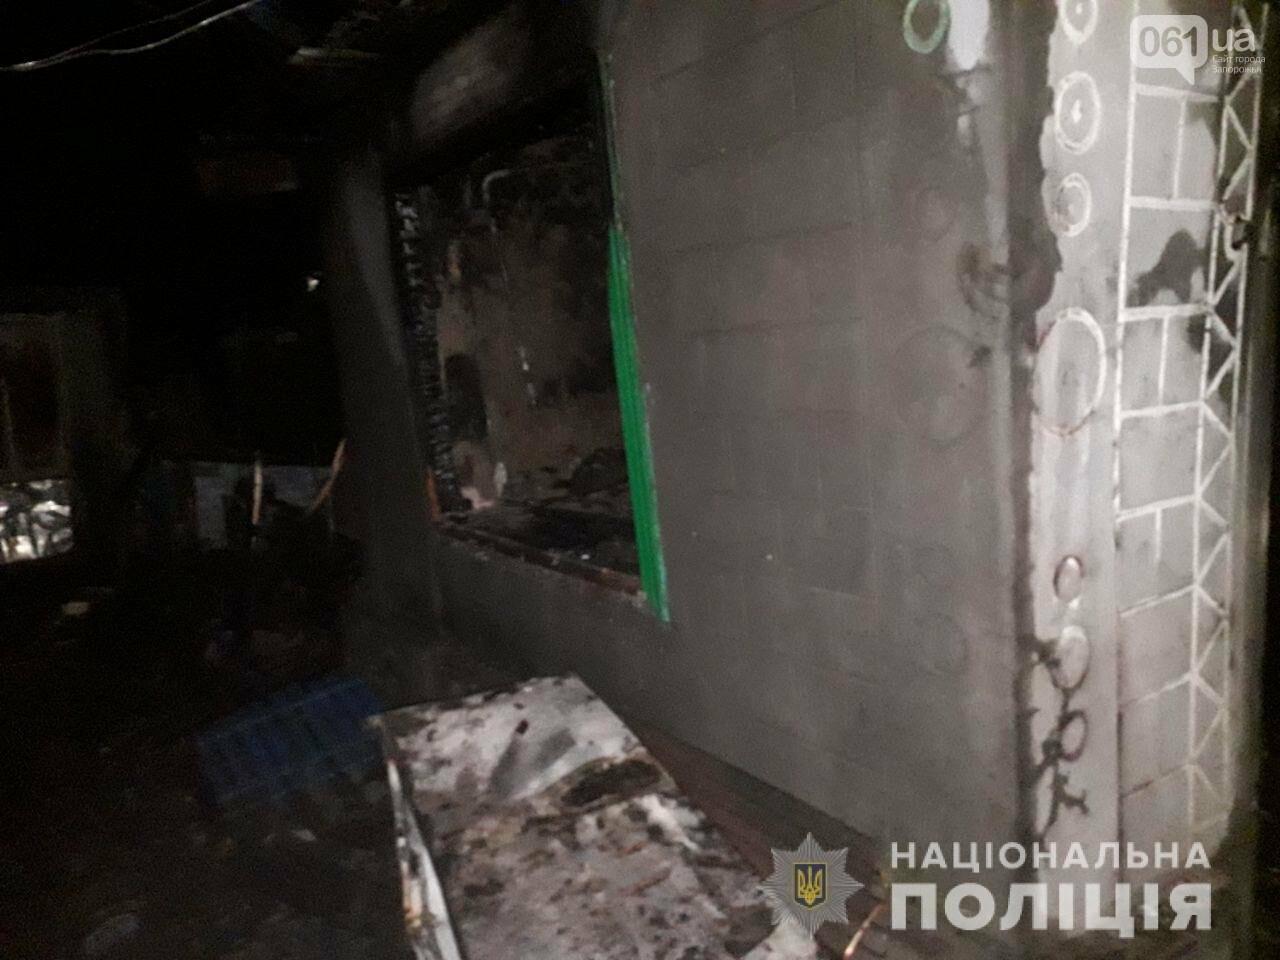 Трагедия под Запорожьем. При пожаре погибли двое детей: их мать повесилась, пока тушили огонь, фото-1